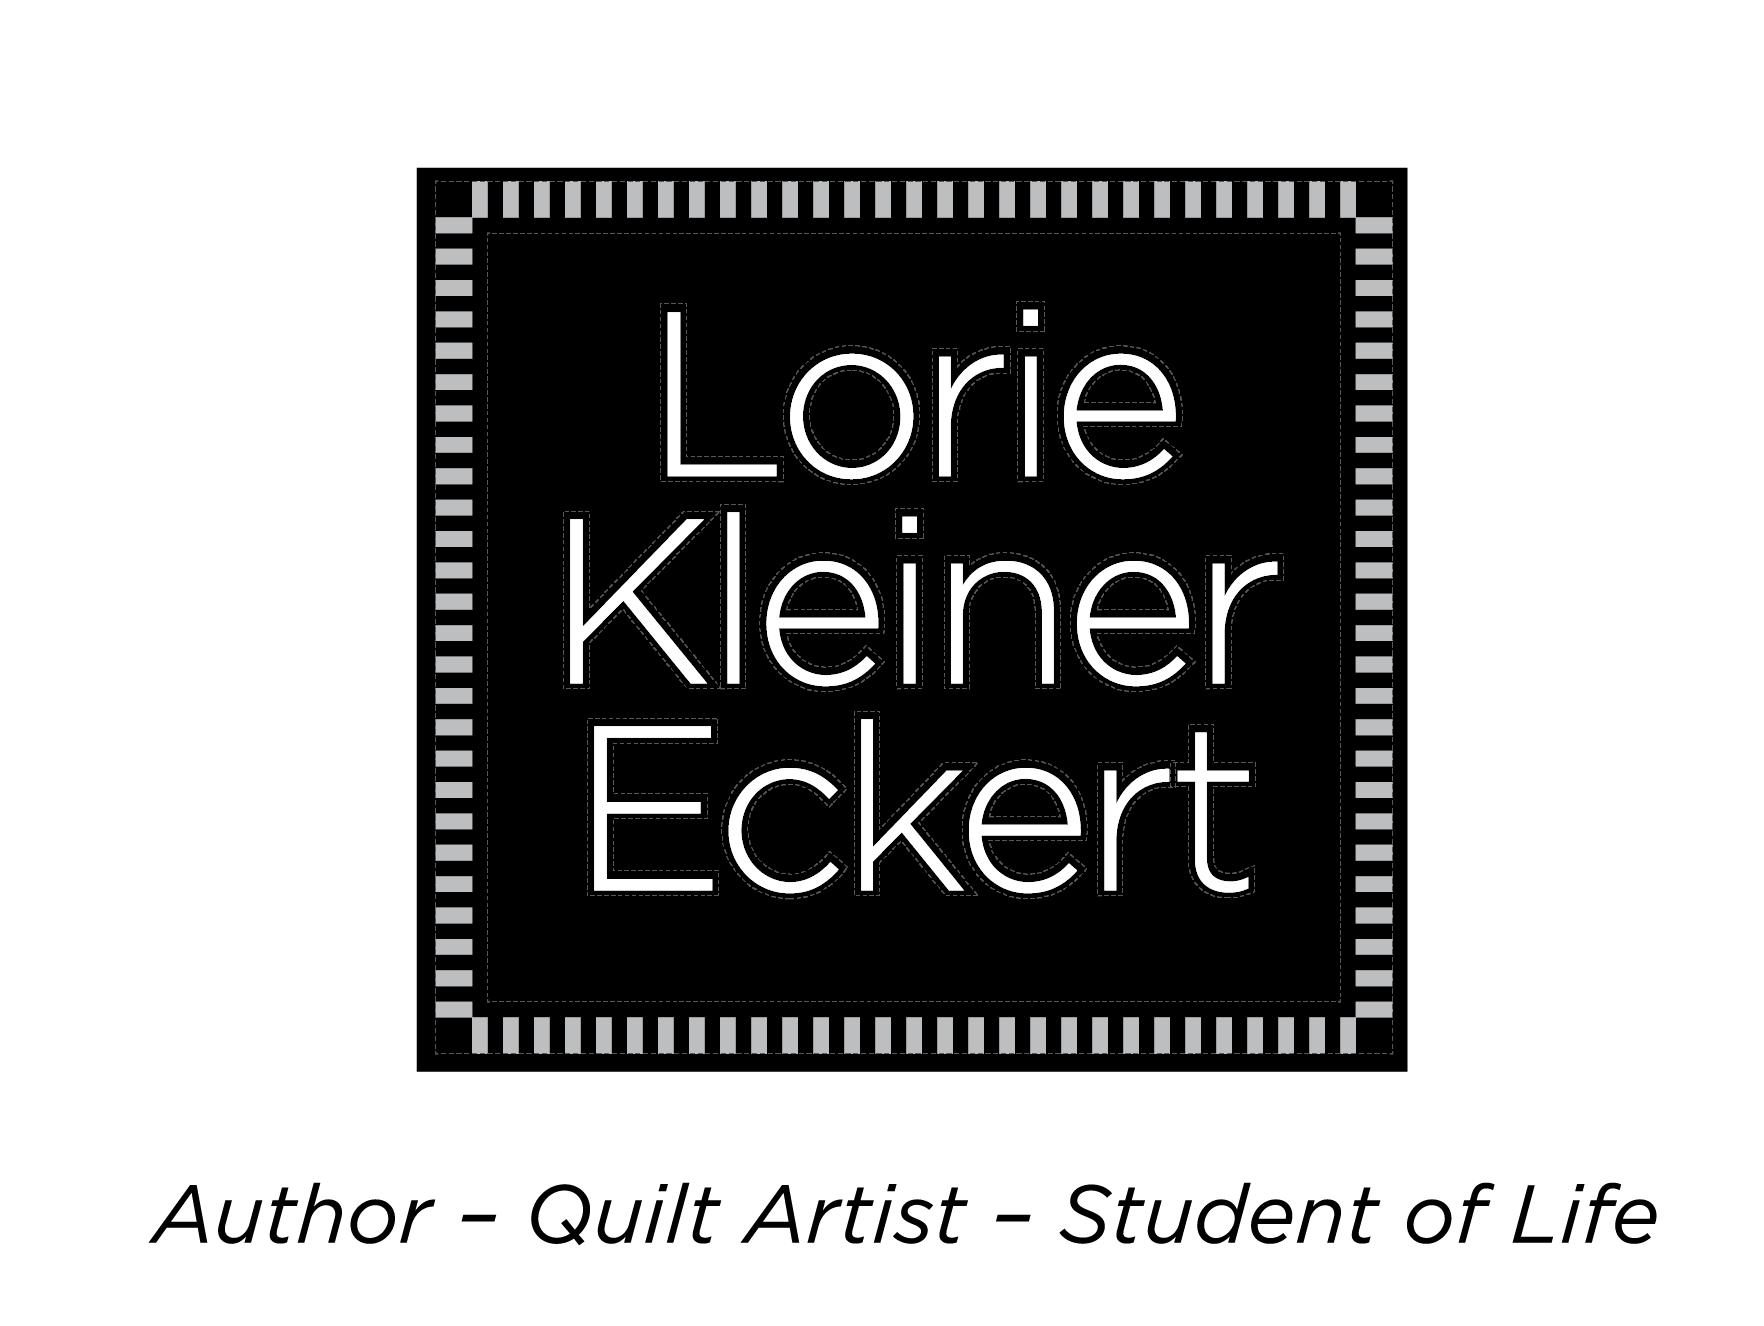 Lorie Kleiner Eckert